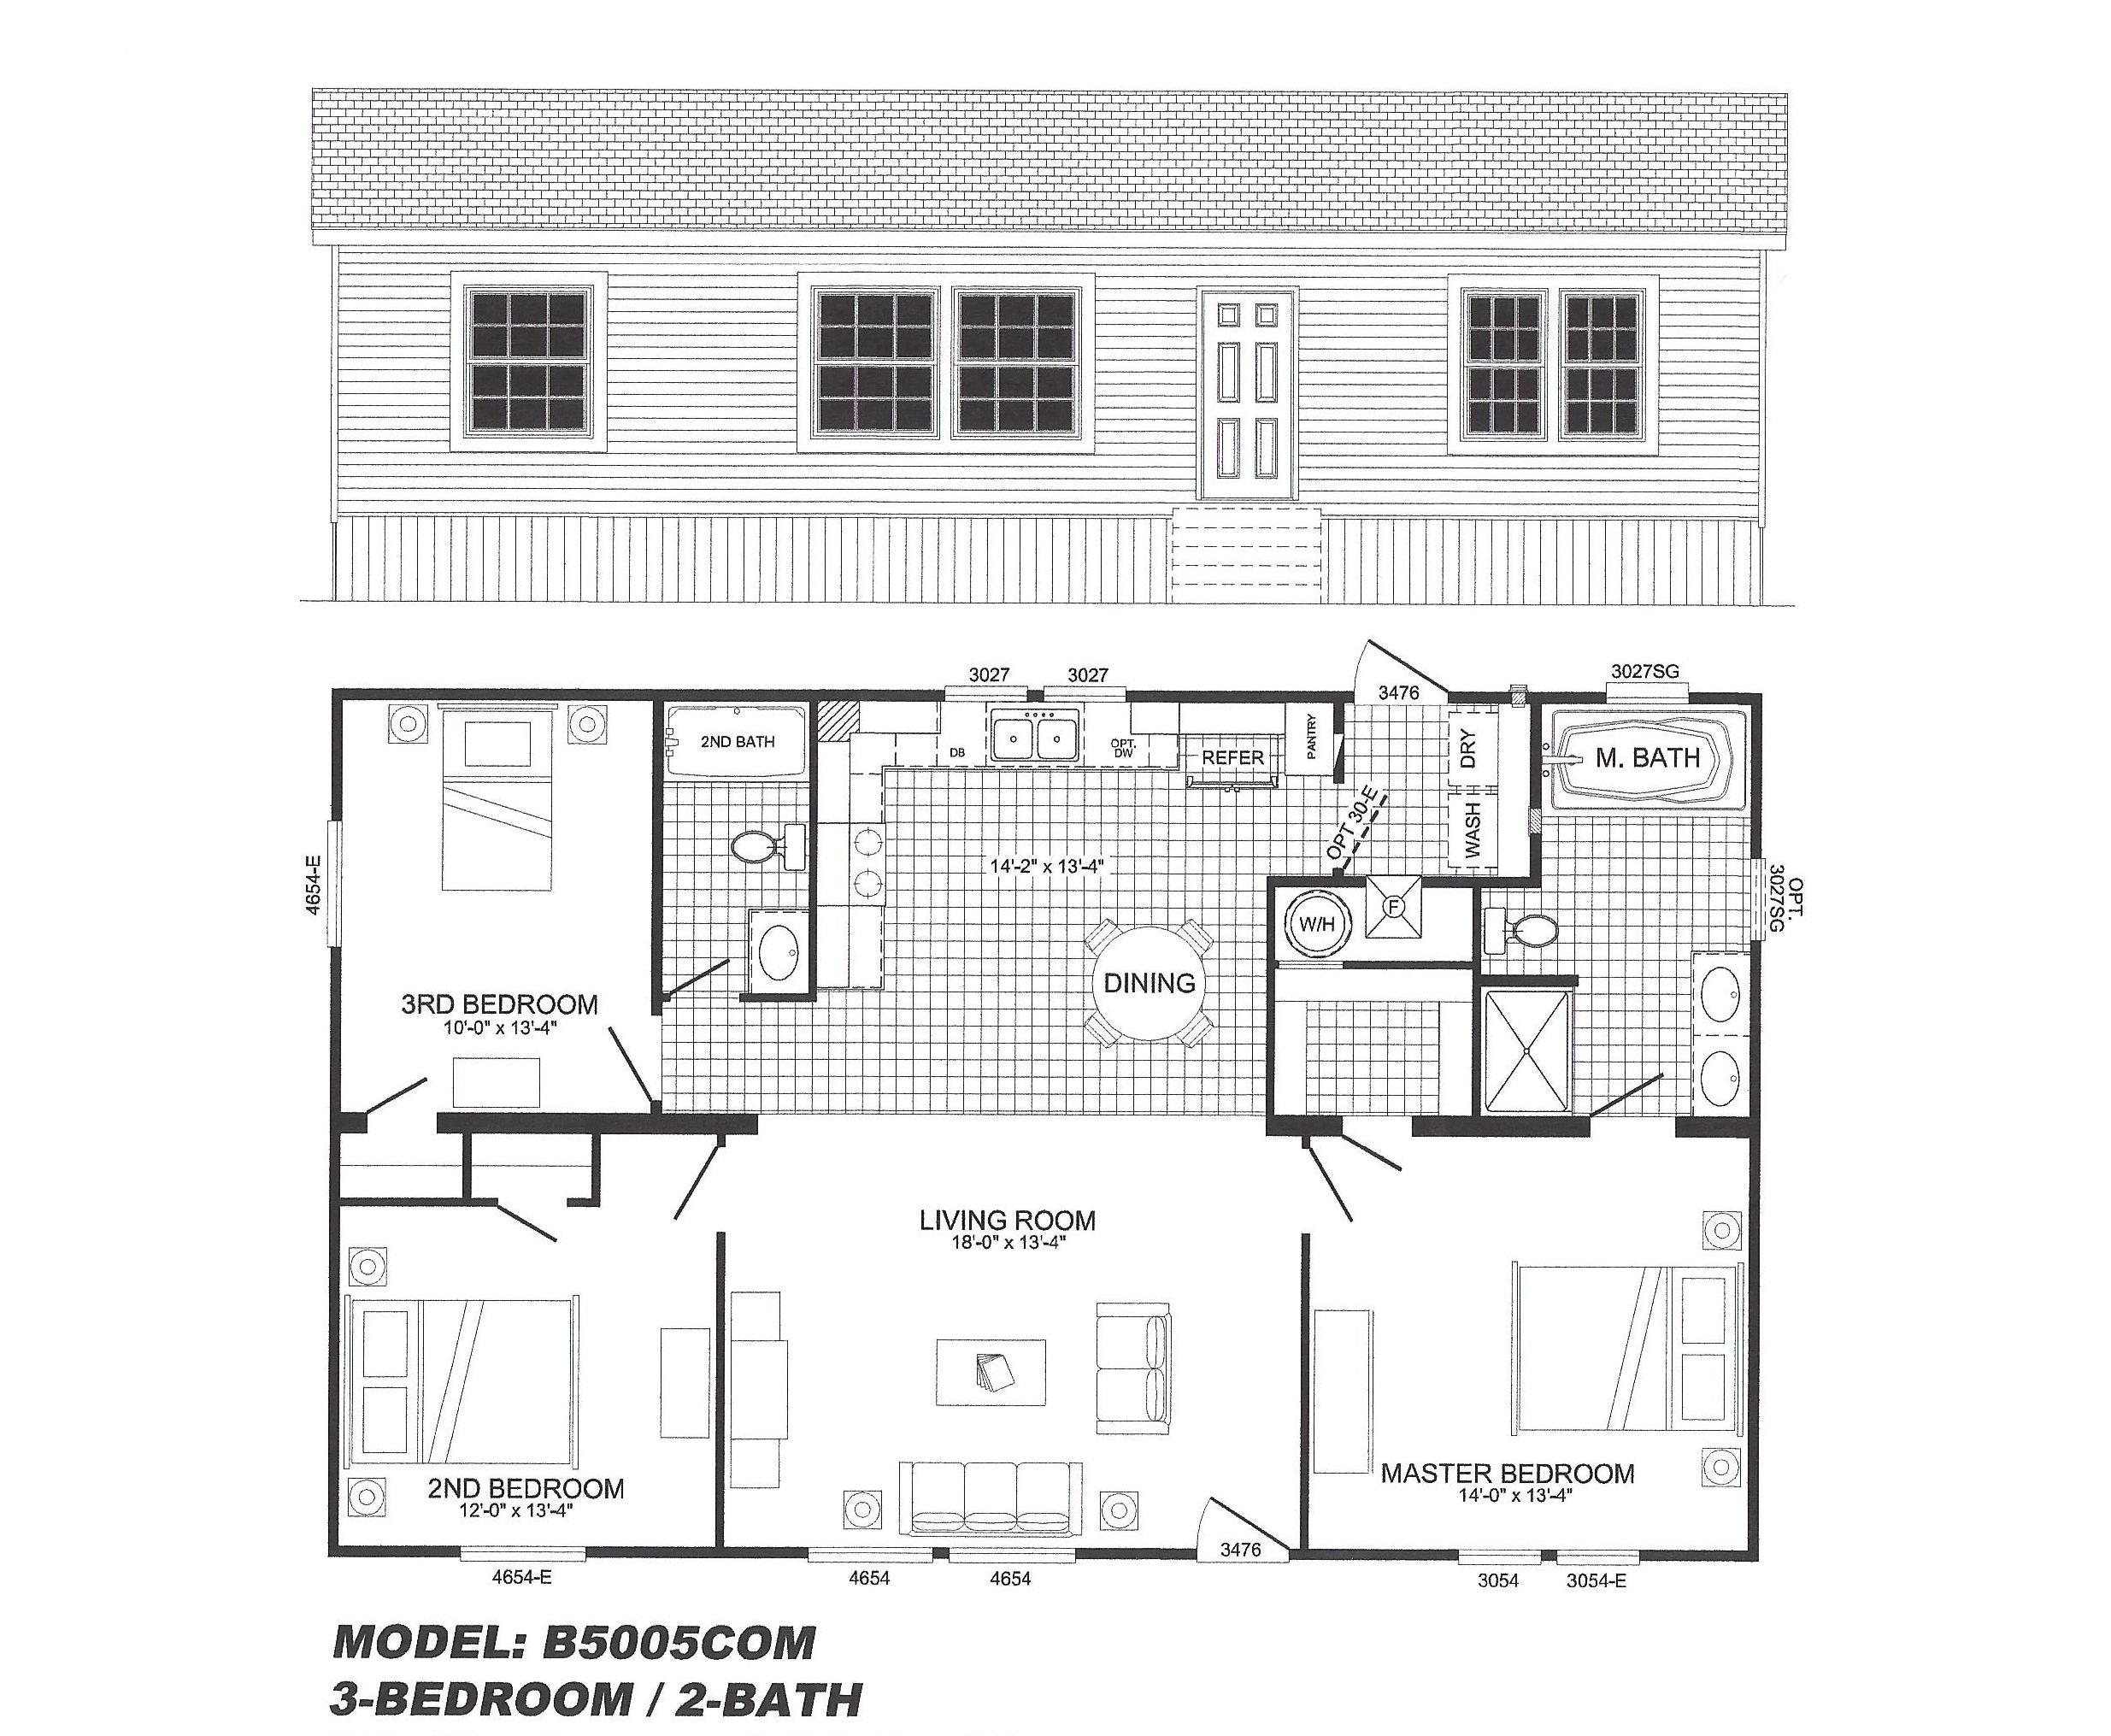 5 Bedroom Modular Homes Floor Plans 3 Bedroom Floor Plan B 5005 Hawks Homes Manufactured